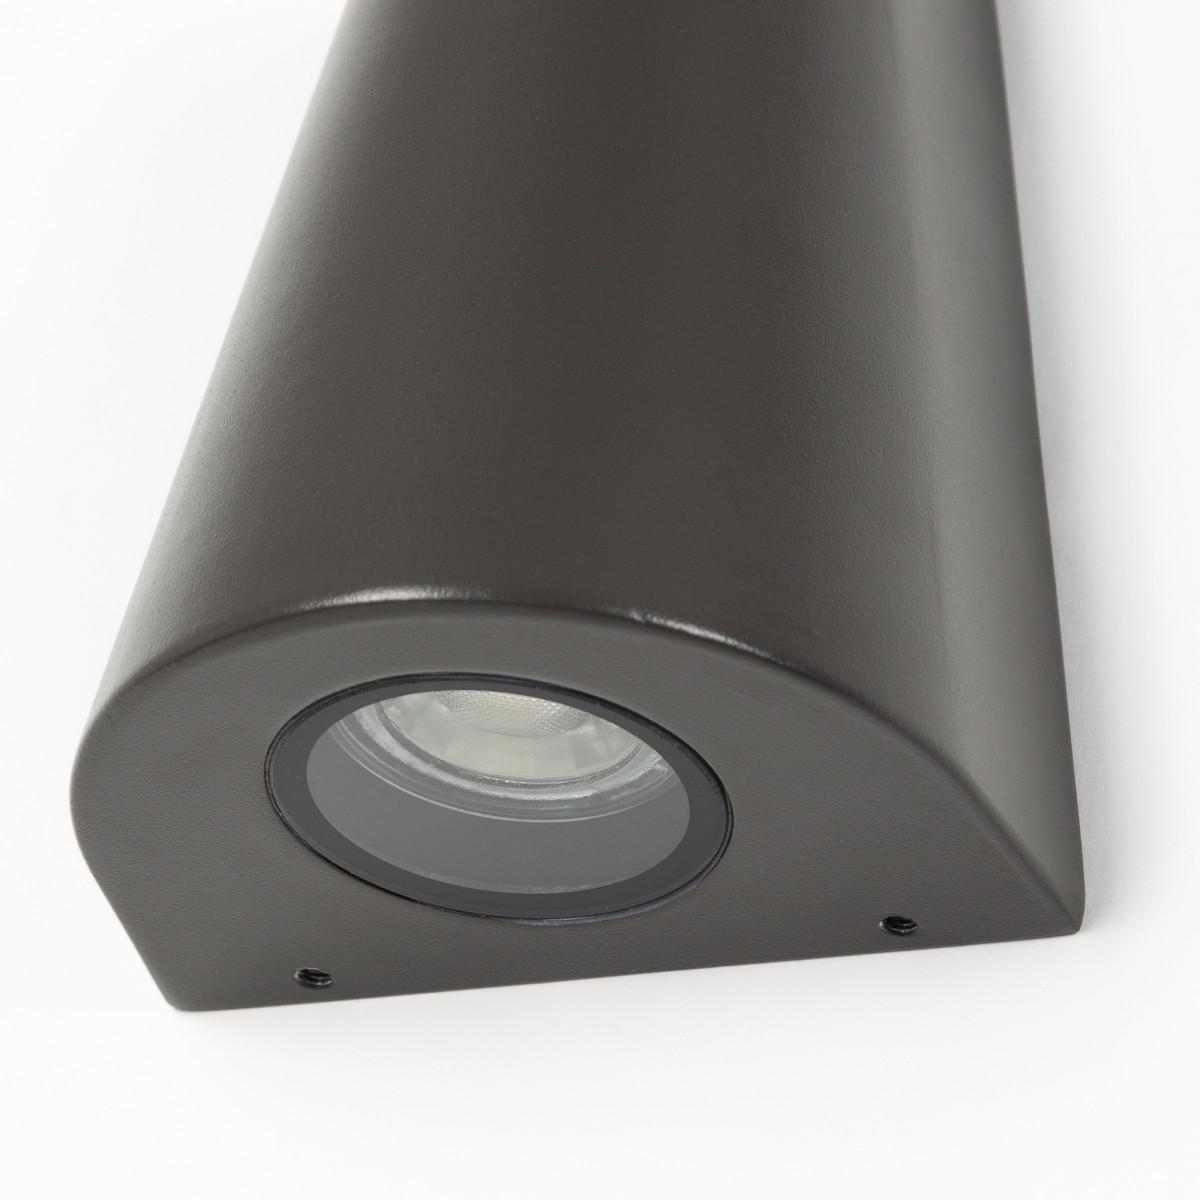 Buitenlamp Cone Downlighter Antraciet, moderne wandverlichting voor buiten, sfeervol en functionele buitenverlichting van KS Verlichting